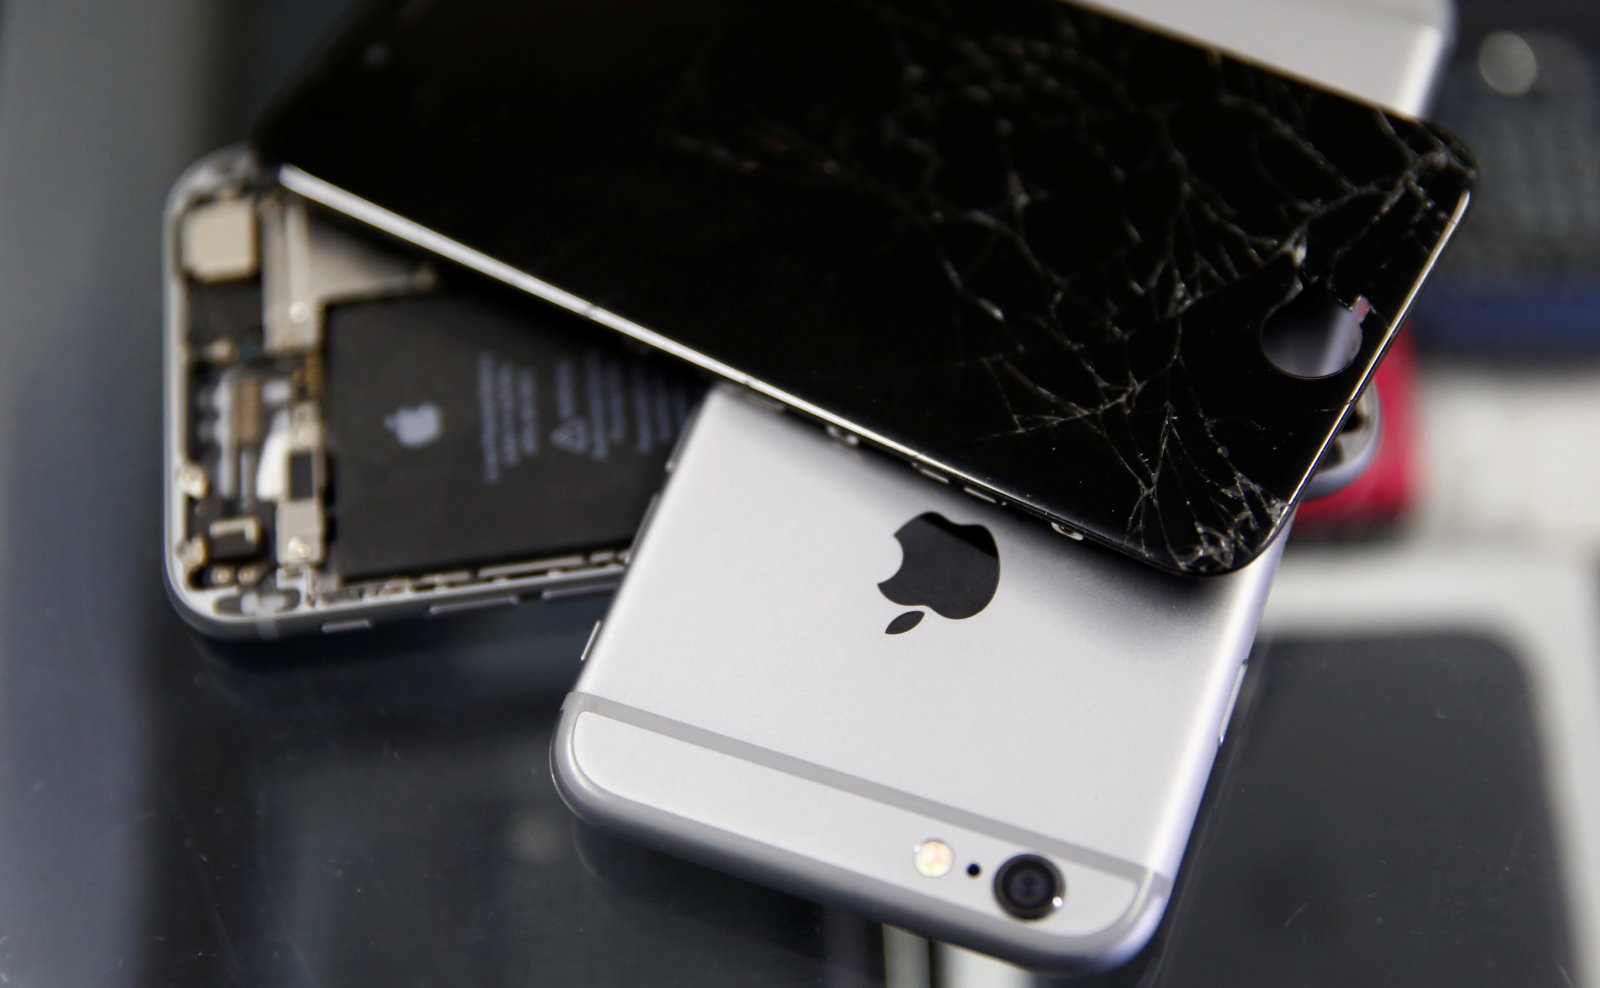 Estas son las razones por las que Apple podría no reparar tu iPhone